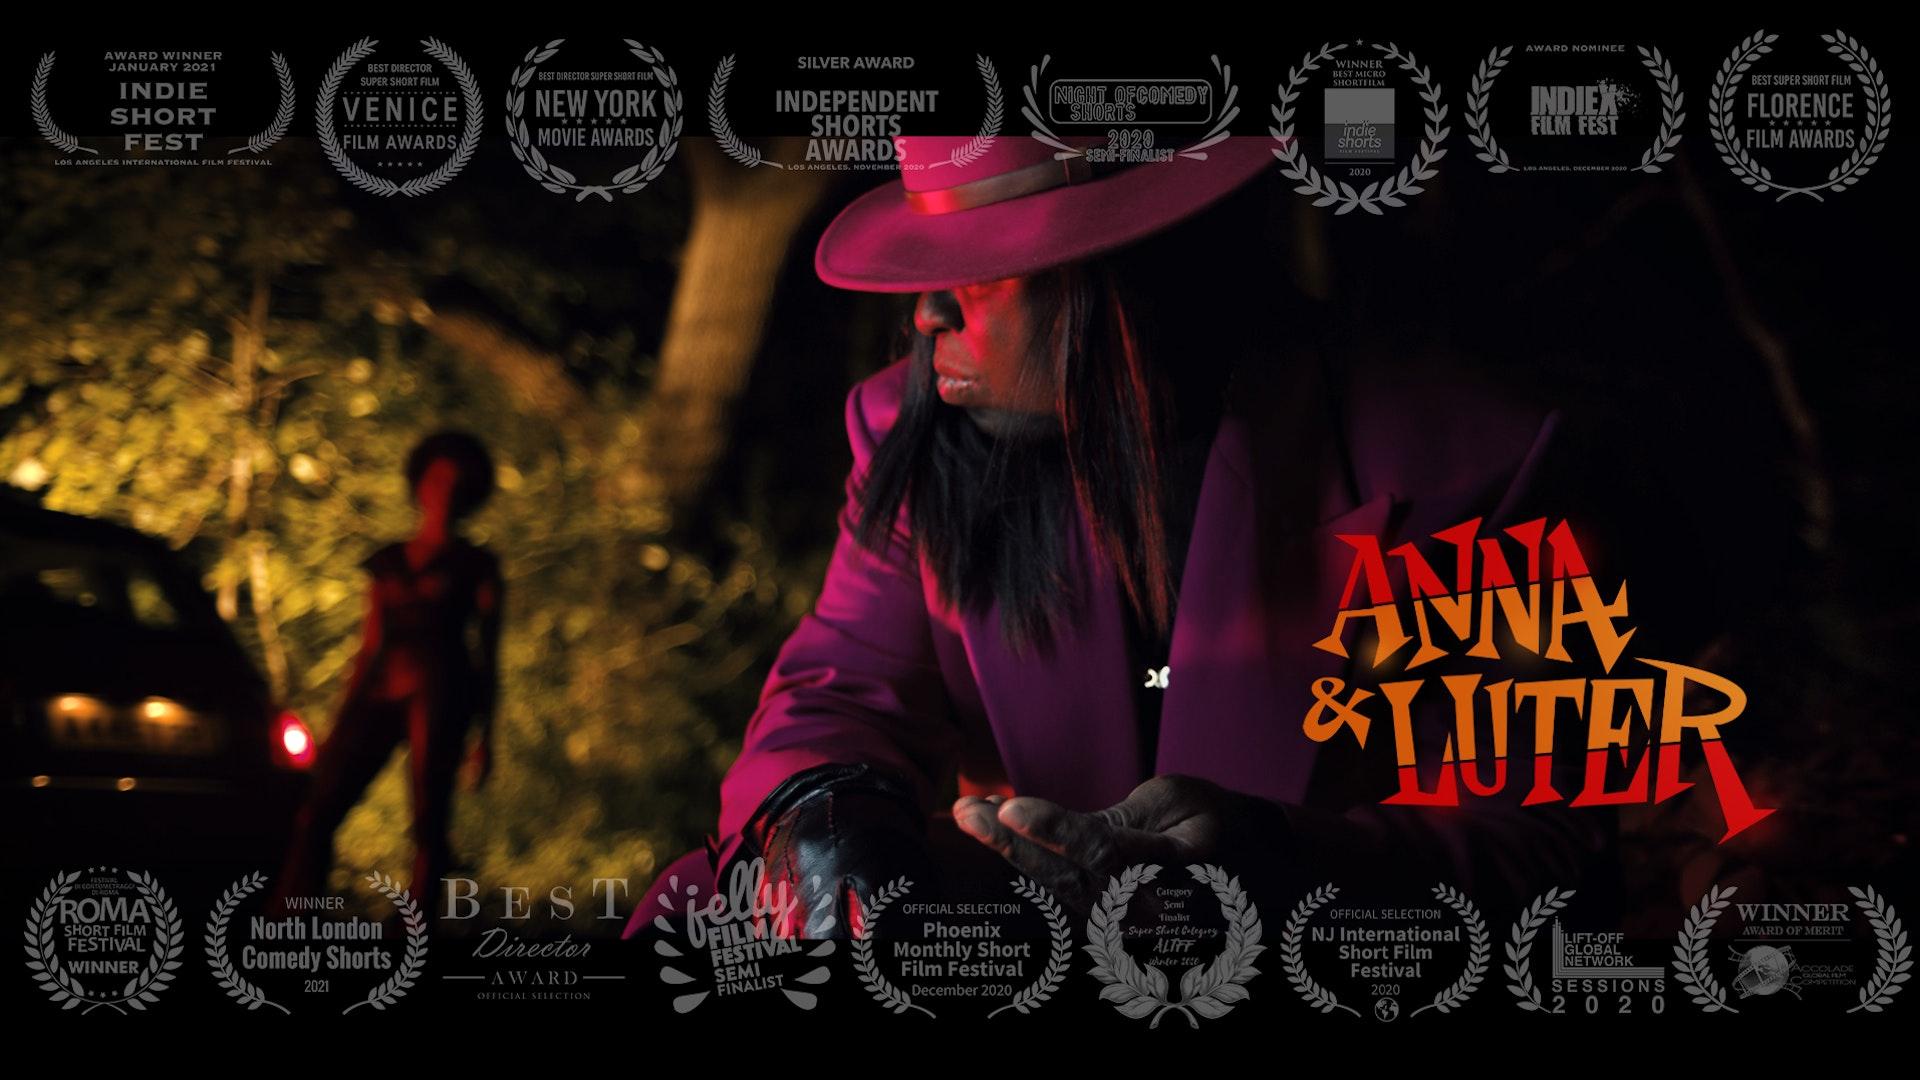 Anna & Luter